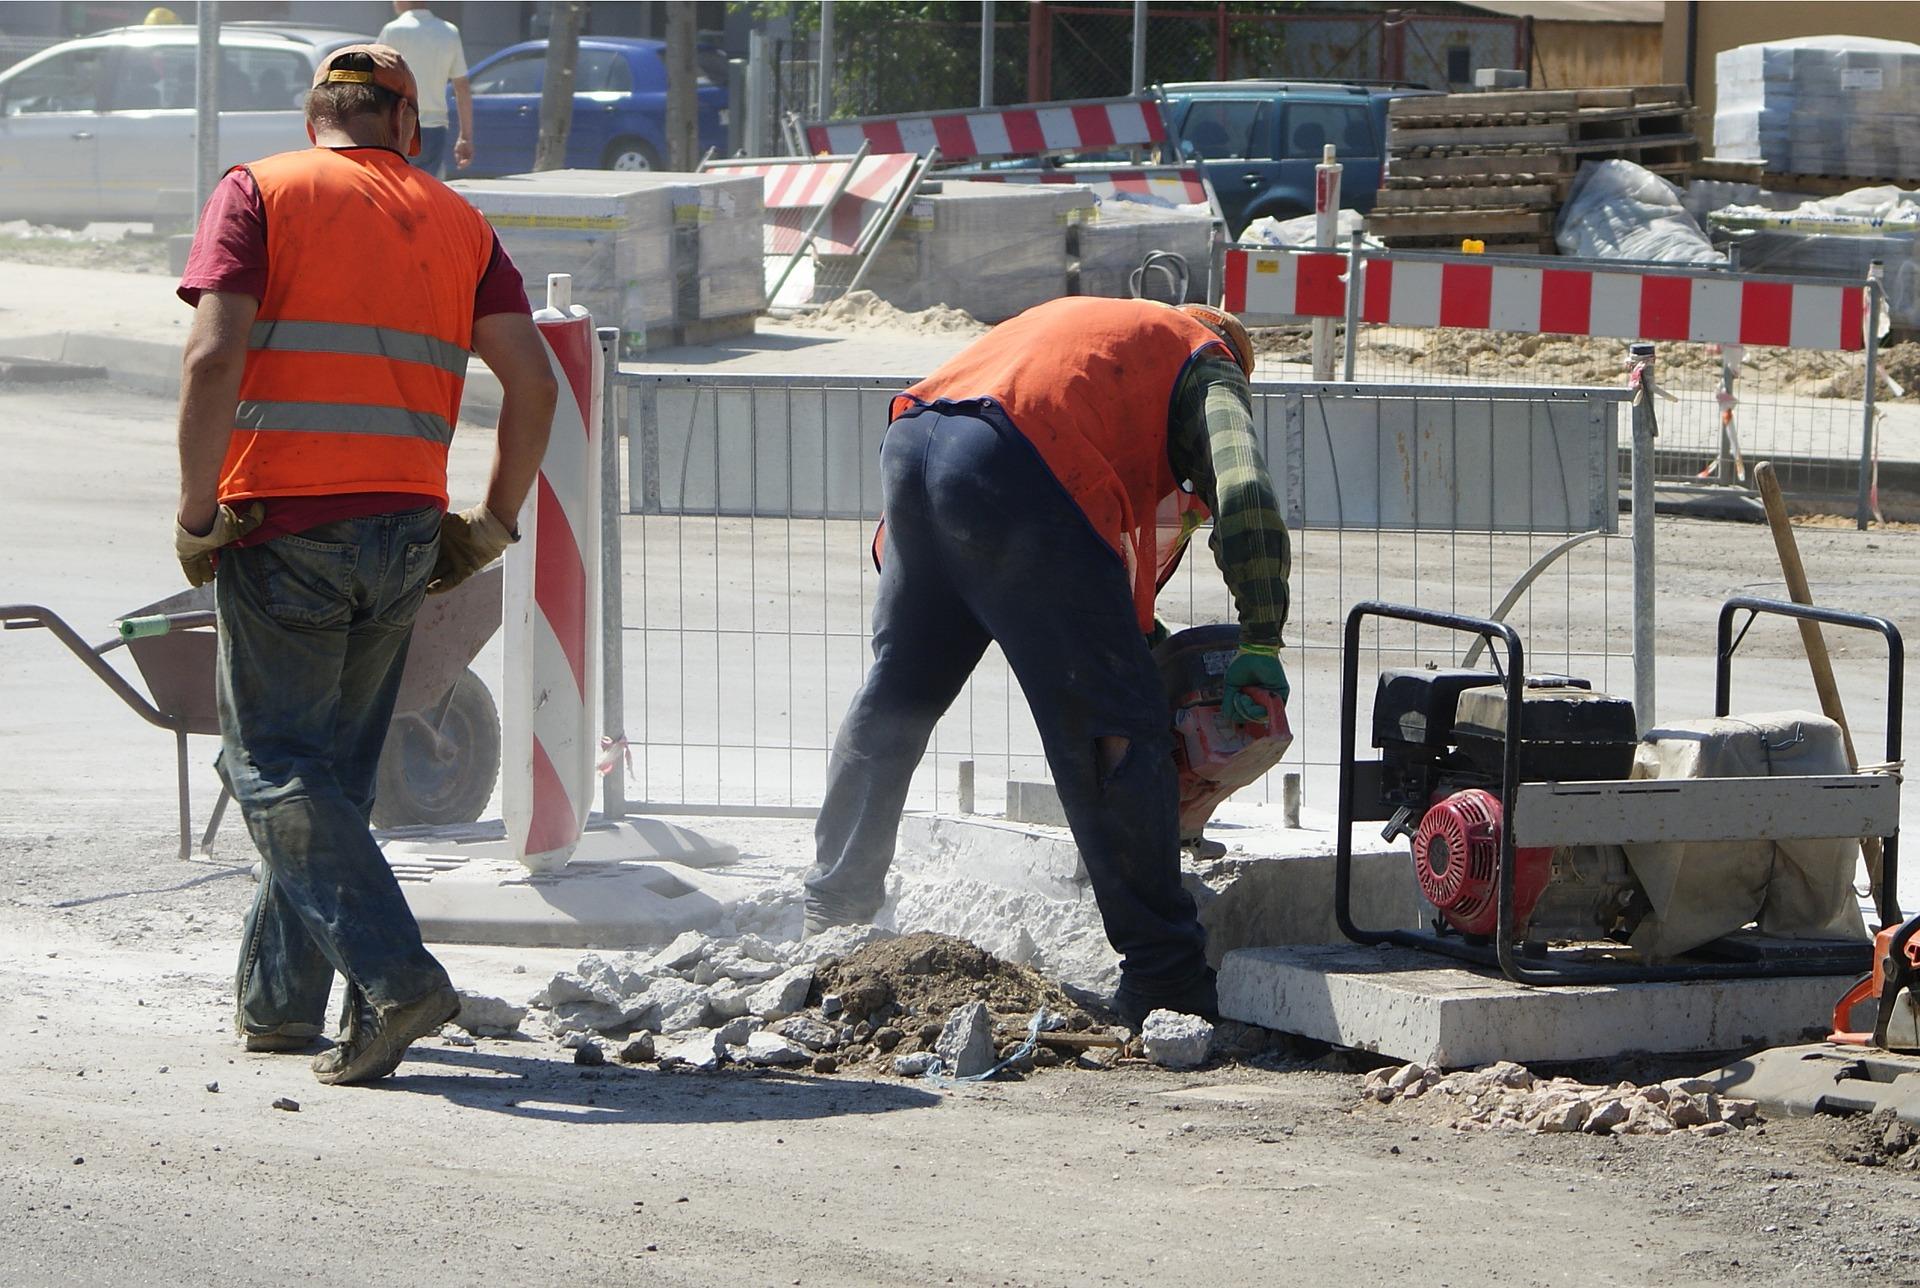 Czy można uniknąć wypadku w pracy? Światowy Dzień Bezpieczeństwa i Ochrony Zdrowia w Pracy [INFOGRAFIKA]